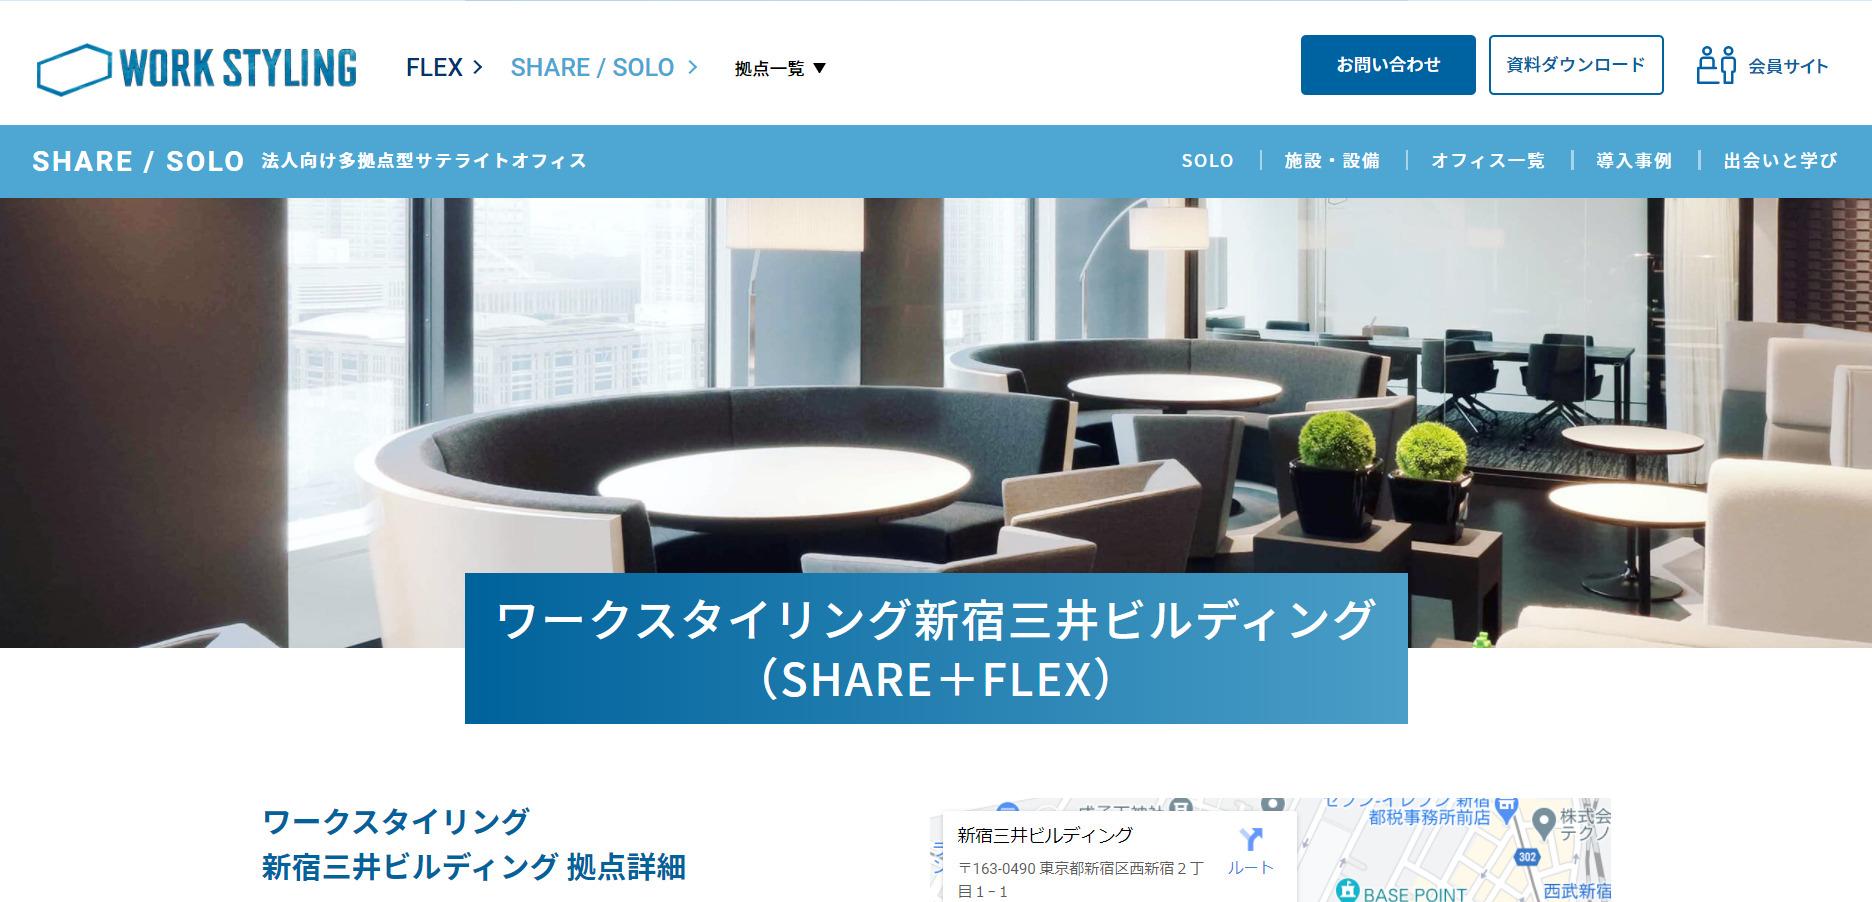 シェアオフィス ワークスタイリング 新宿三井ビルディング